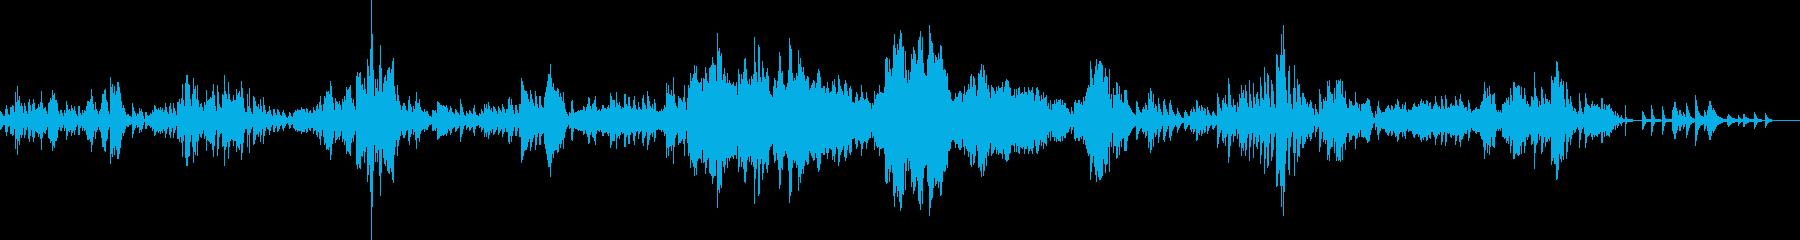 ショパン ノクターン Op62-No2の再生済みの波形